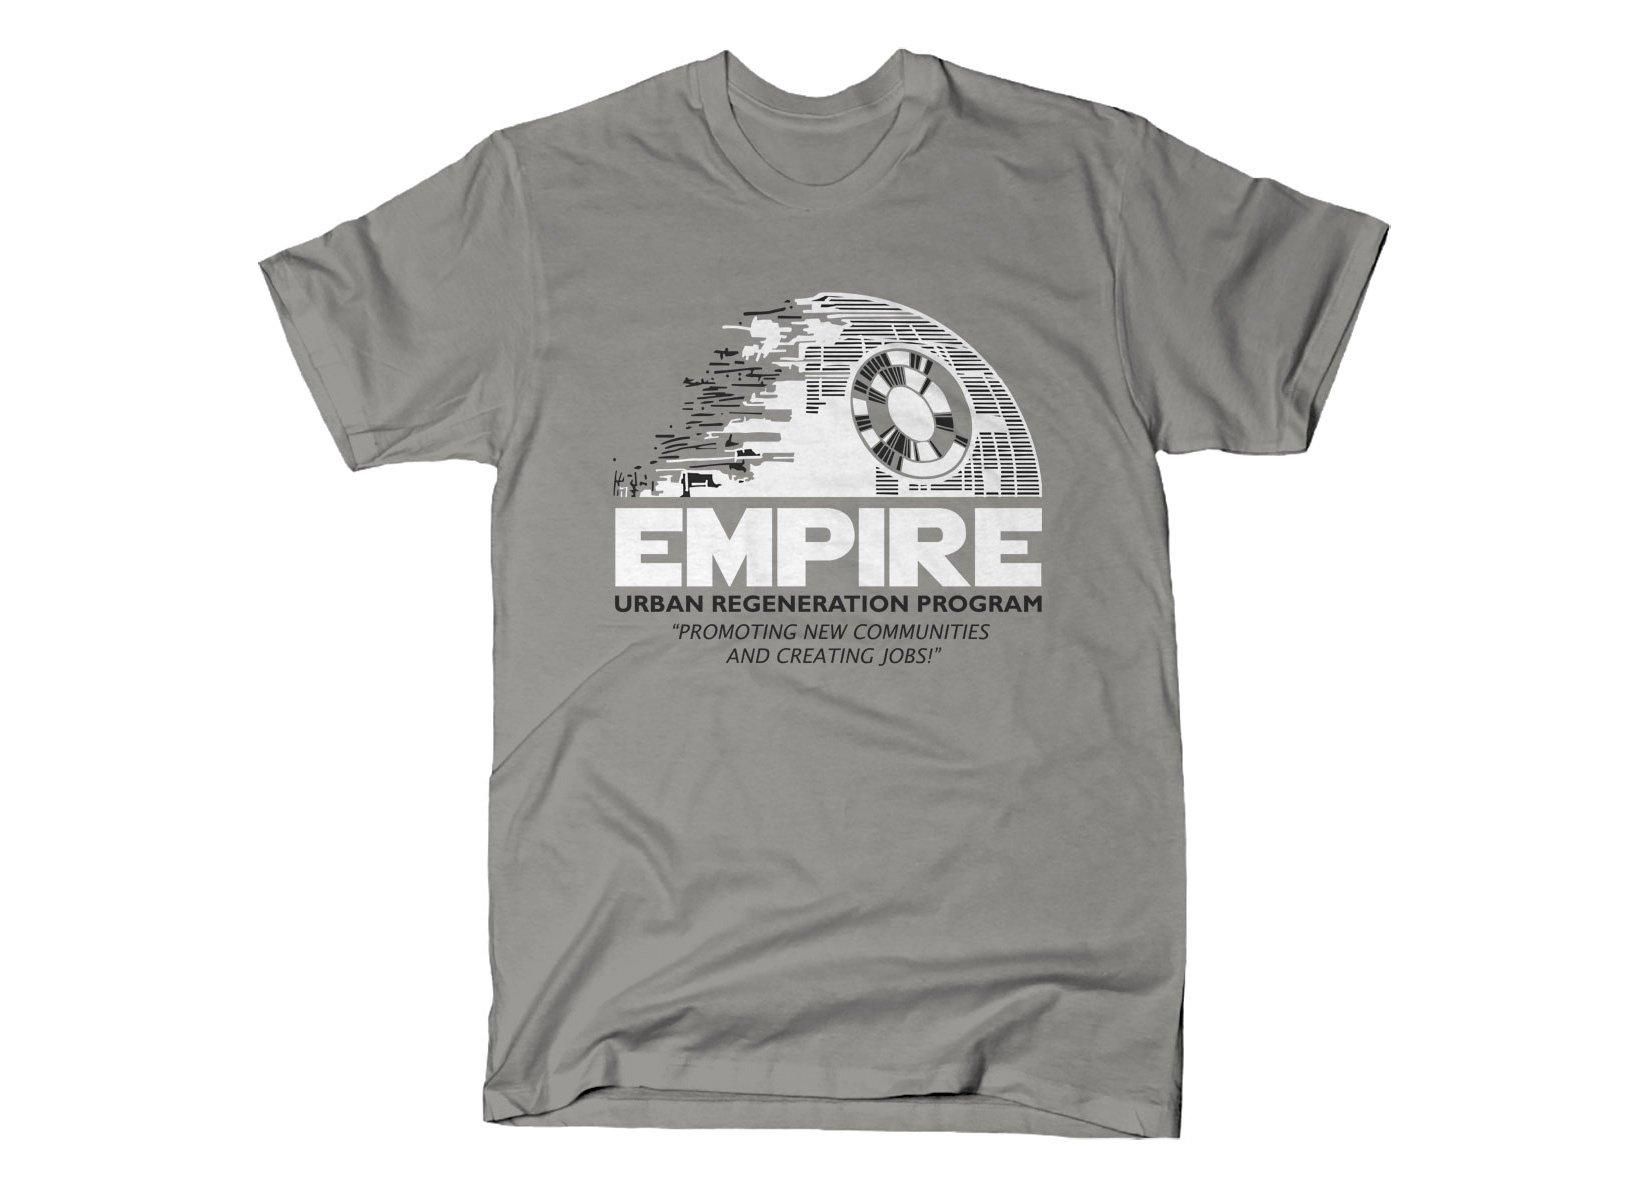 Empire Urban Regeneration on Mens T-Shirt